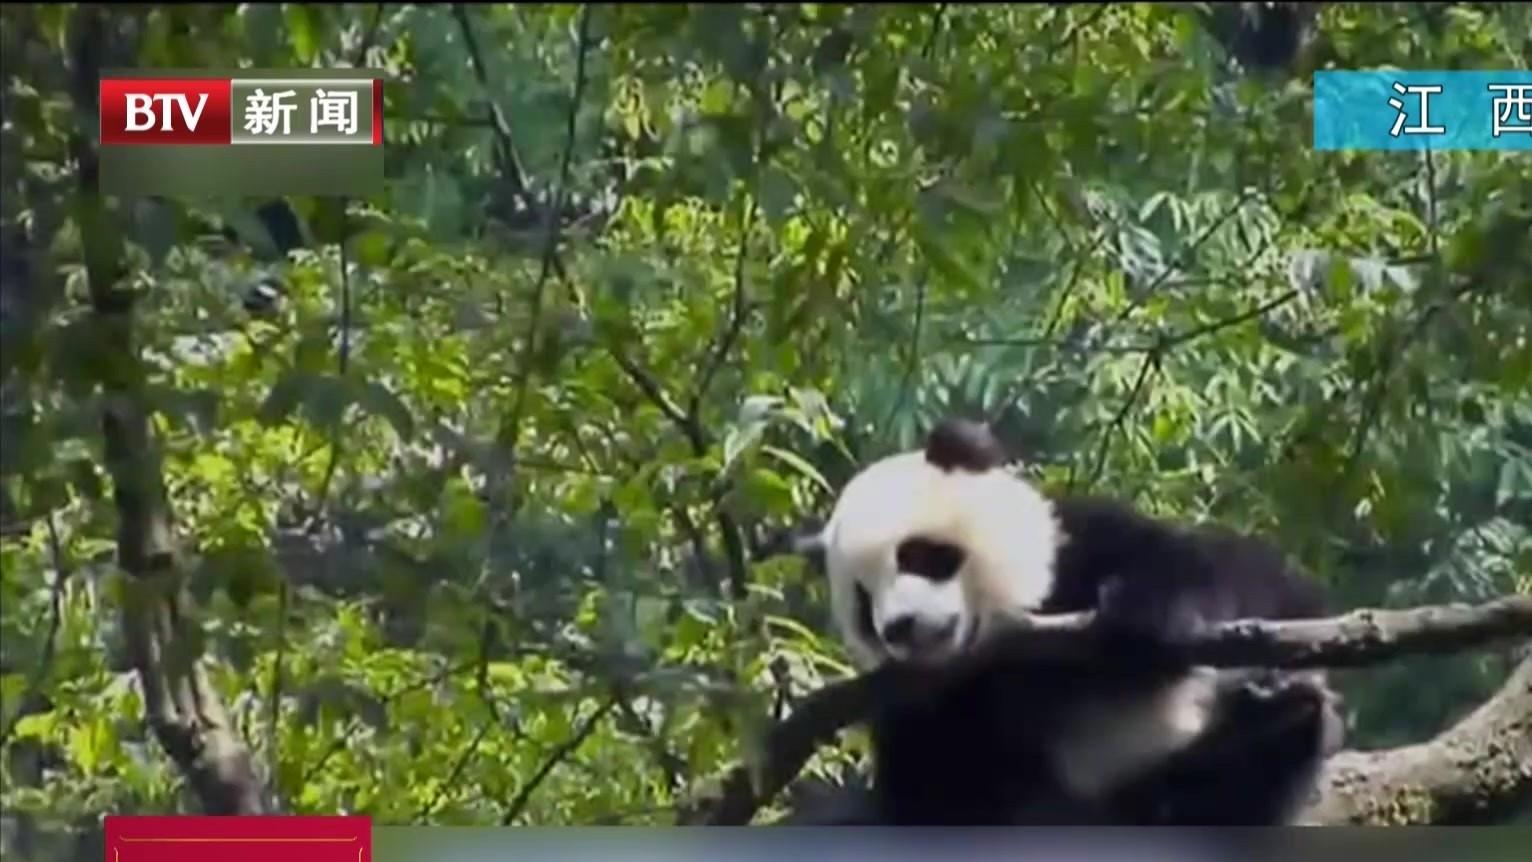 大熊猫首次在四川以外地区野化放归